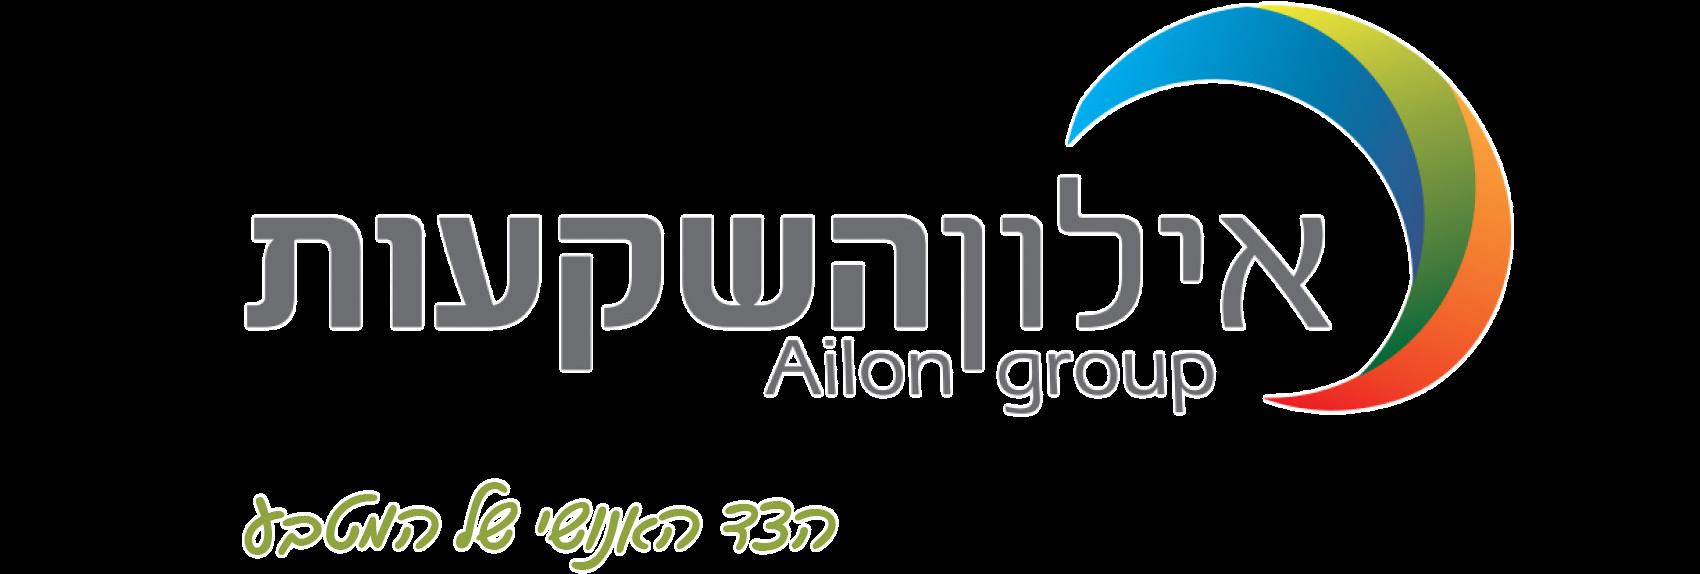 קבוצת אילון השקעות